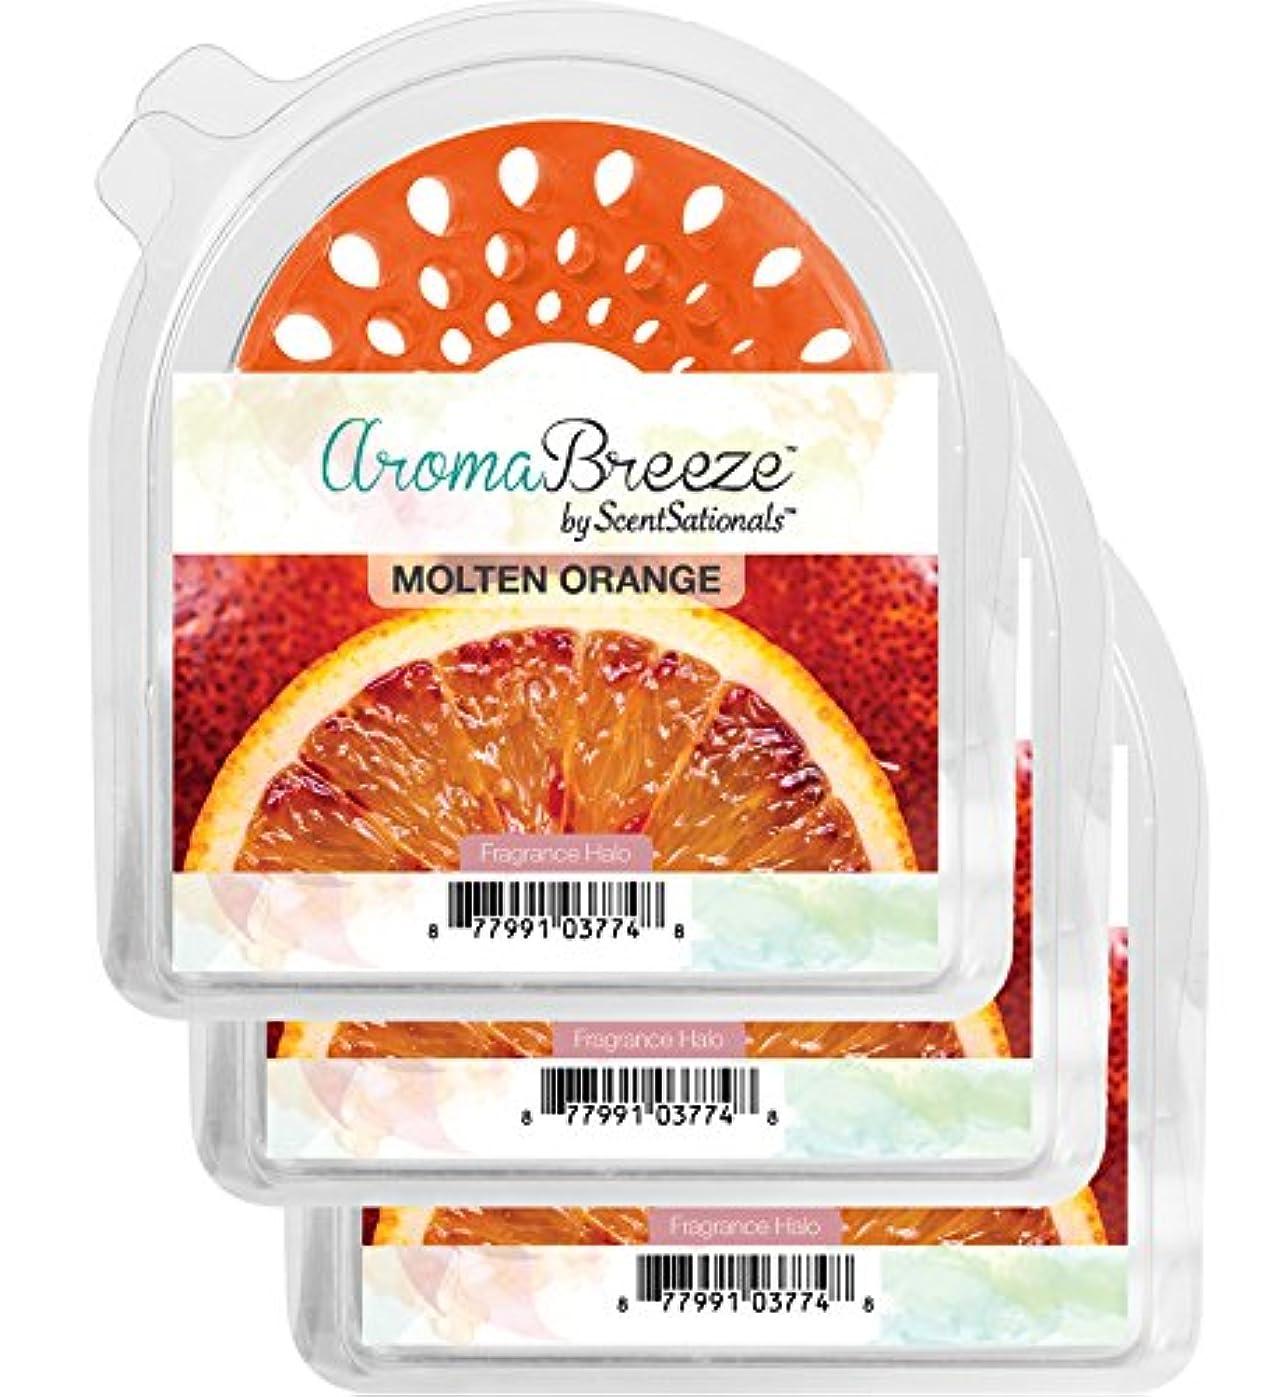 集計ハンディキャップキャンドルZen Aroma Breeze 香り付きヘイロー 3個パック - 無炎の香り付きキャンドルの交換用 - ご自宅の香りコレクションに加えるのに最適 オレンジ 021-017-40017